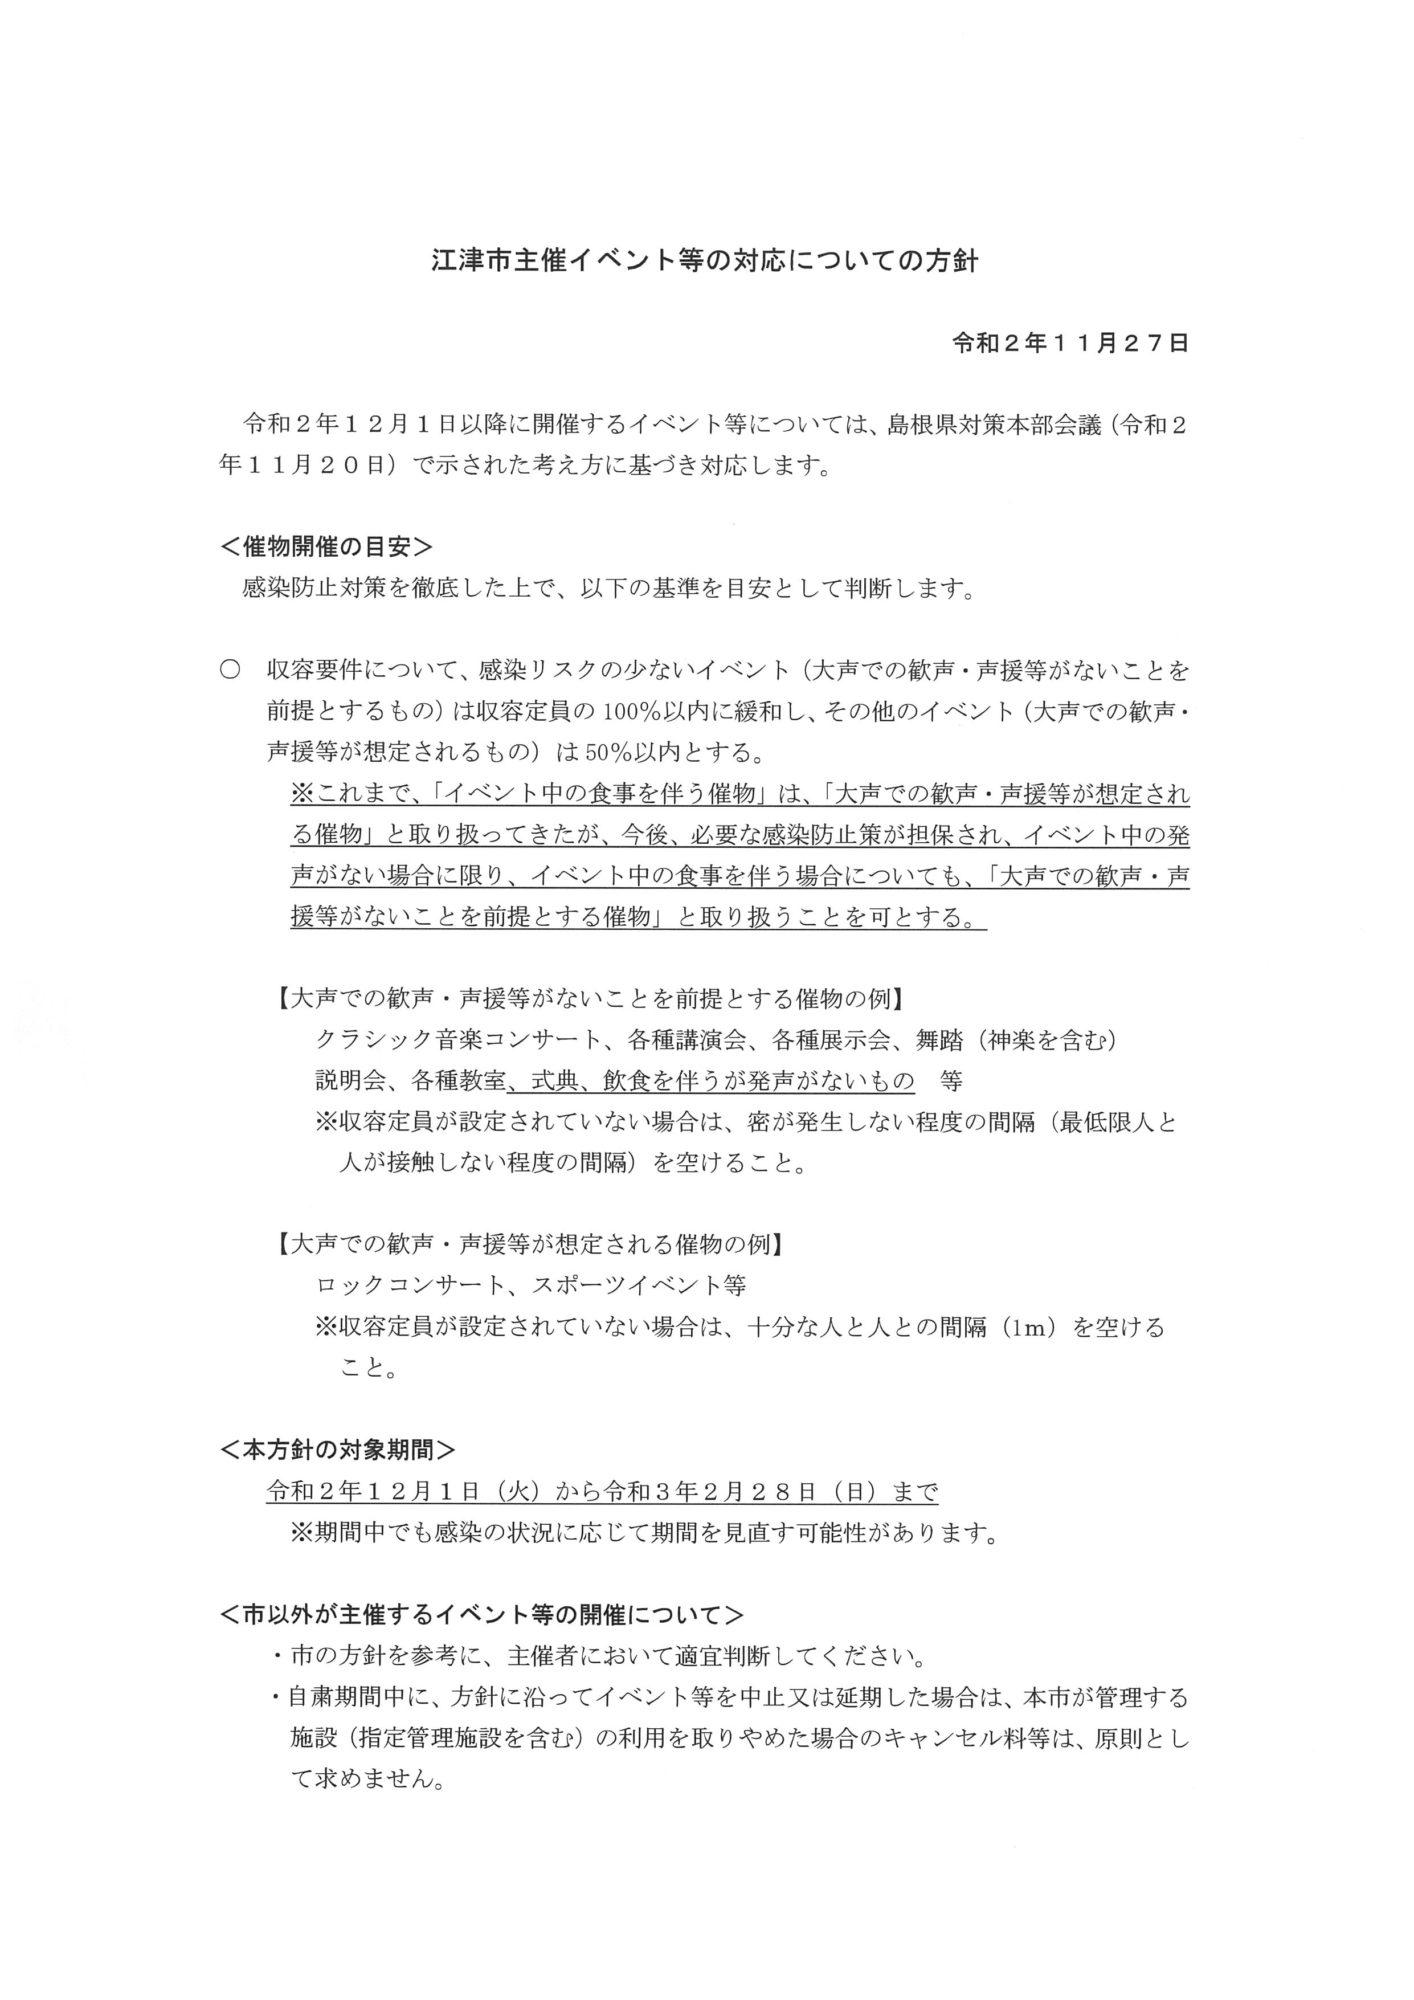 【12月1日~令和3年2月28日】江津市主催イベントの対応についての方針